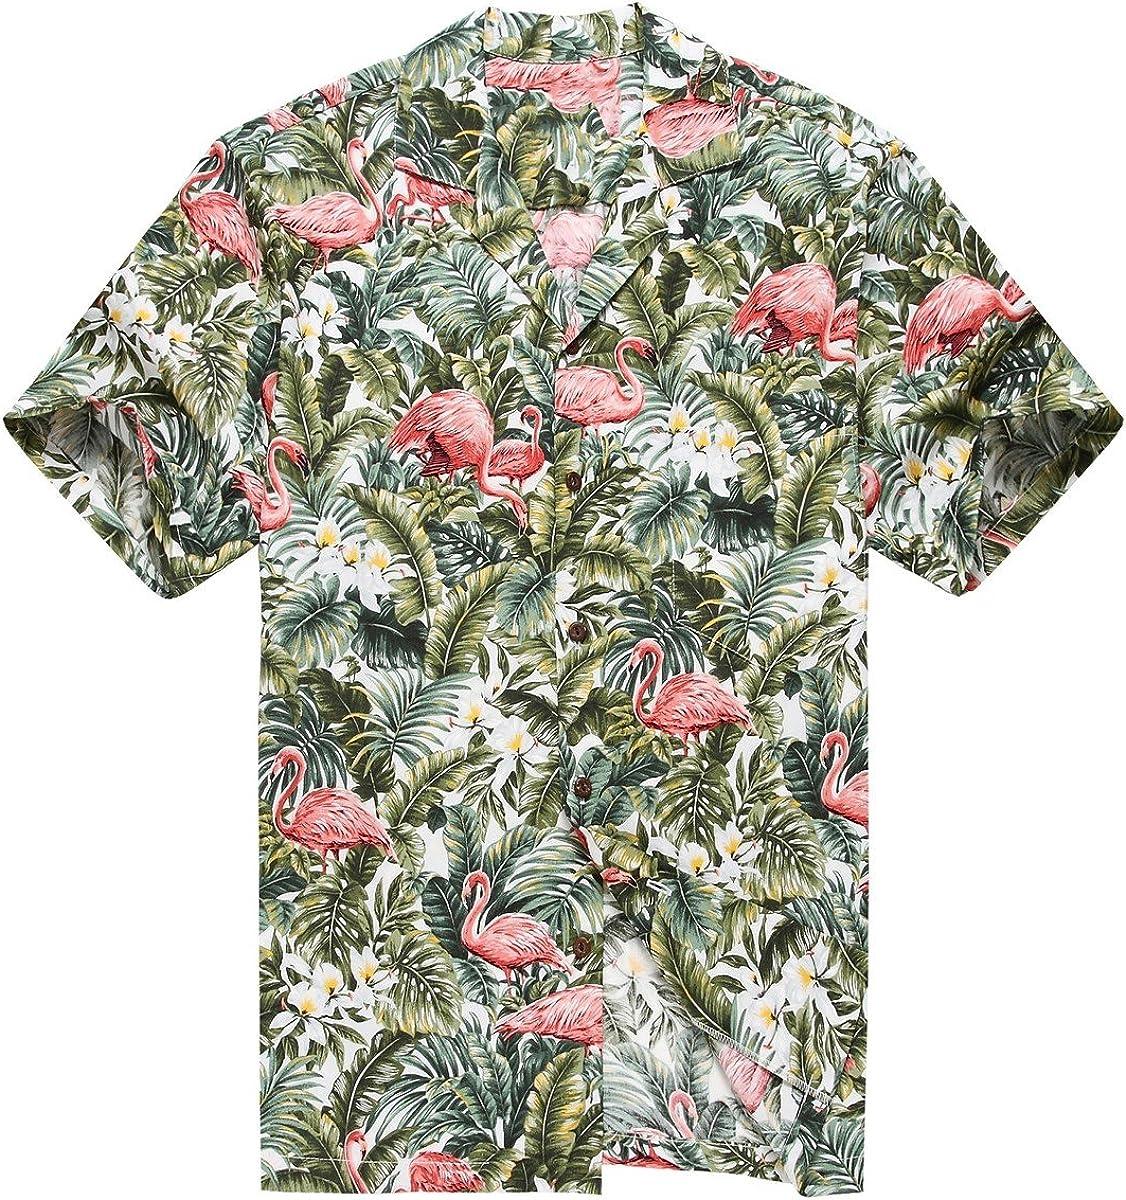 Hecho en Hawaii Camisa Hawaiana de los Hombres Camisa Hawaiana Flamenco en Selva de la Selva Tropical Blanco